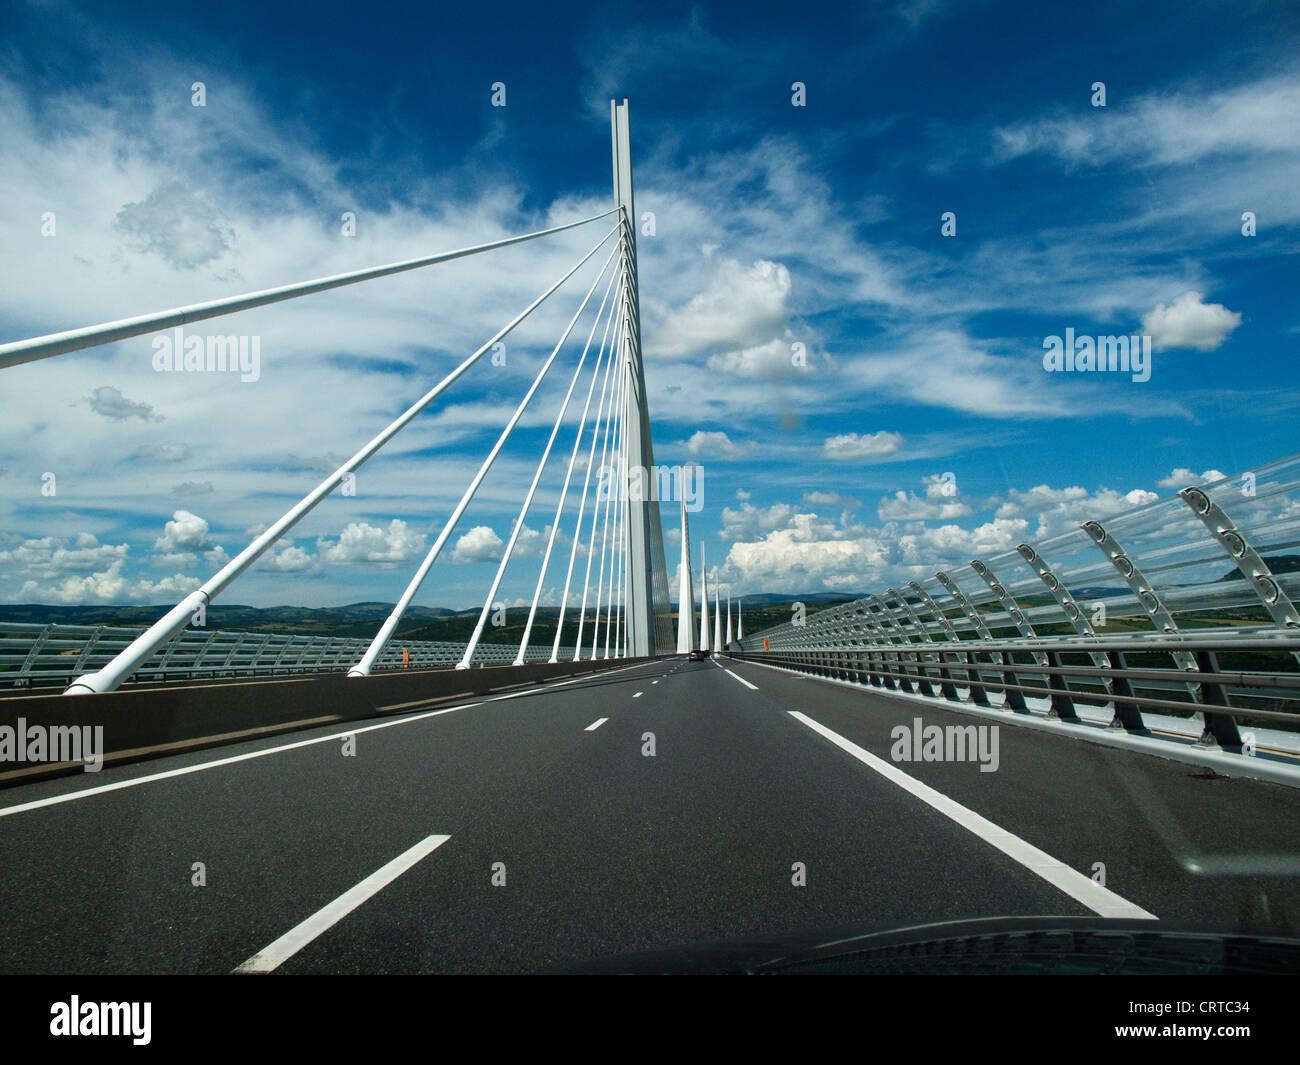 Traverser Le Pont De Millau Dans Une Voiture Le Pont Le